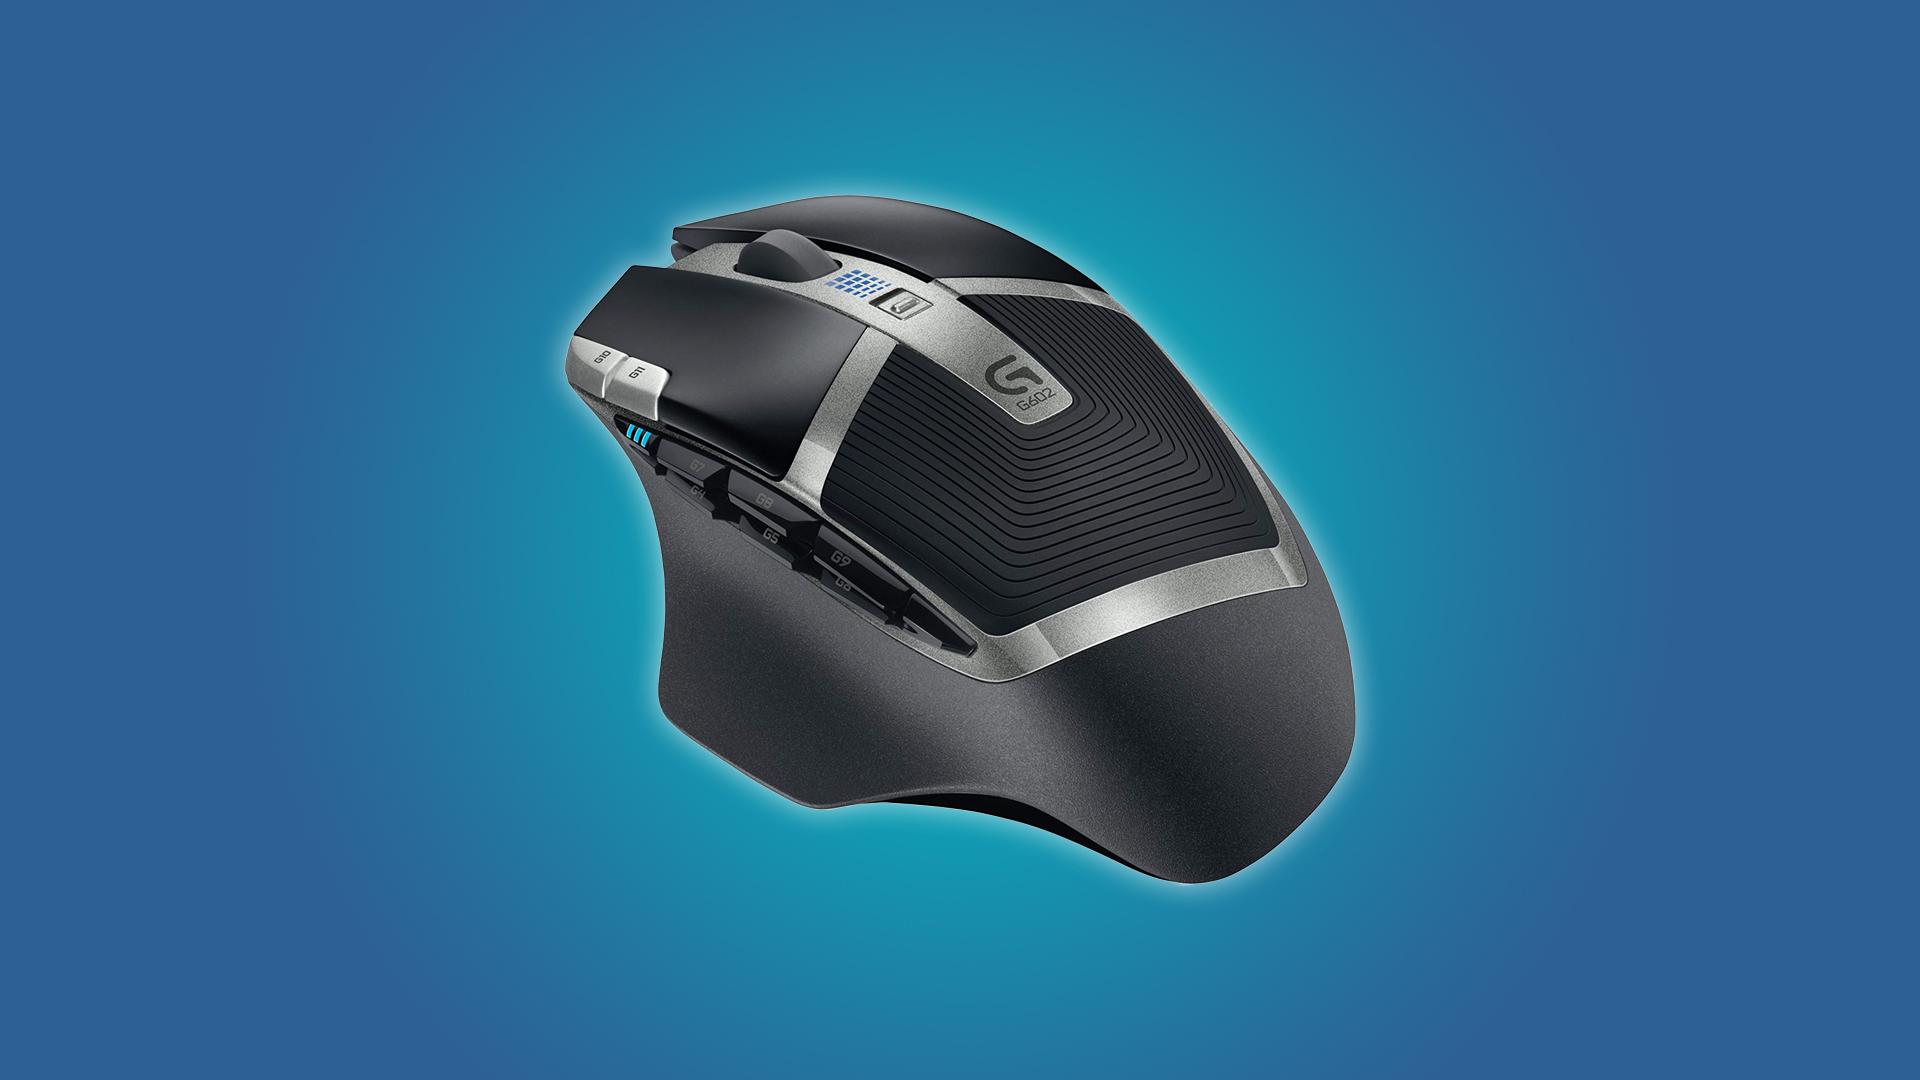 Deal Alert: Erhalten Sie eine kabellose Logitech G602 Gaming Mouse für nur 25 $